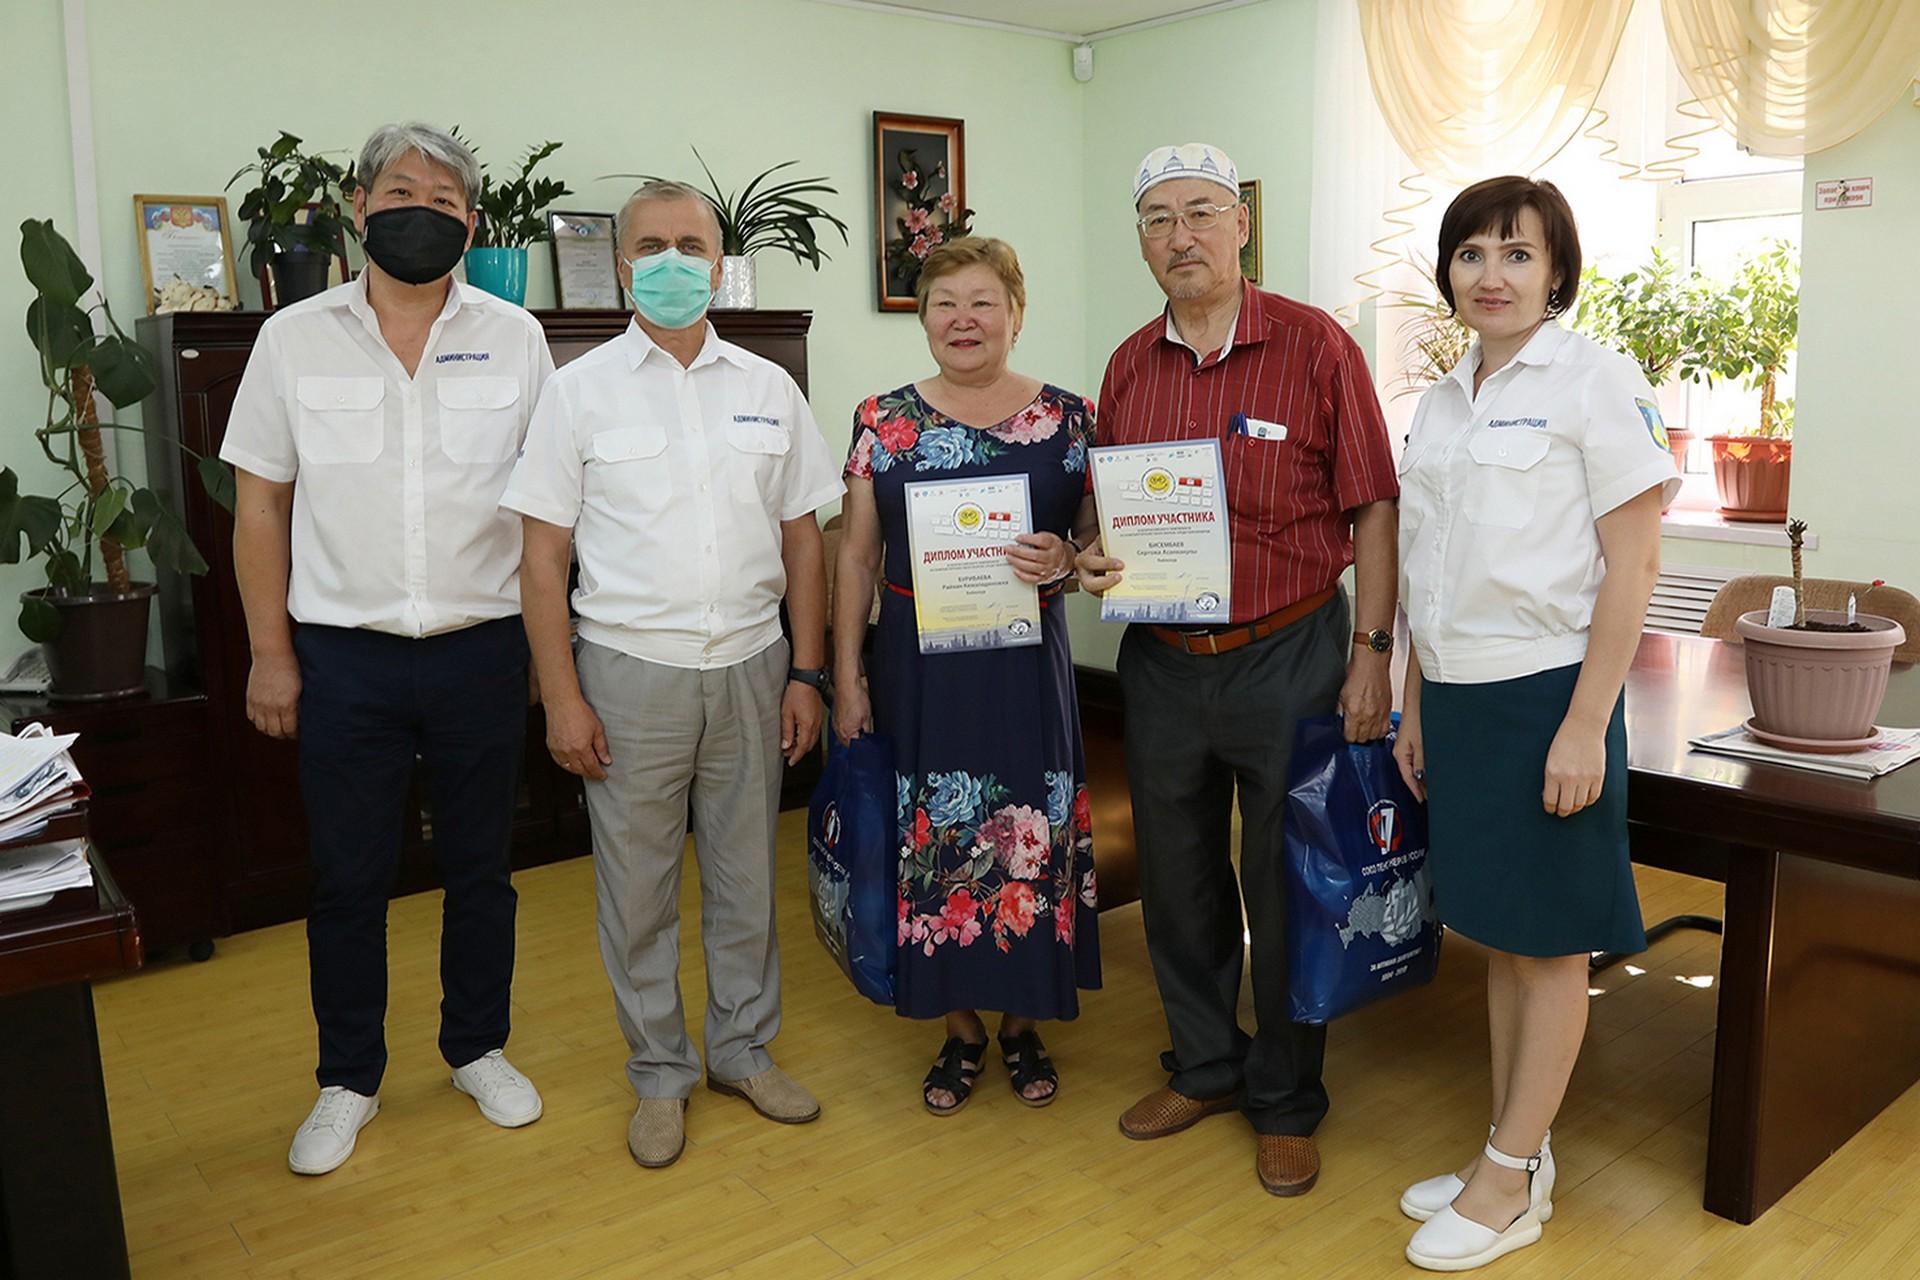 Состоялось награждение участников XI Всероссийского чемпионата по компьютерному многоборью среди пенсионеров